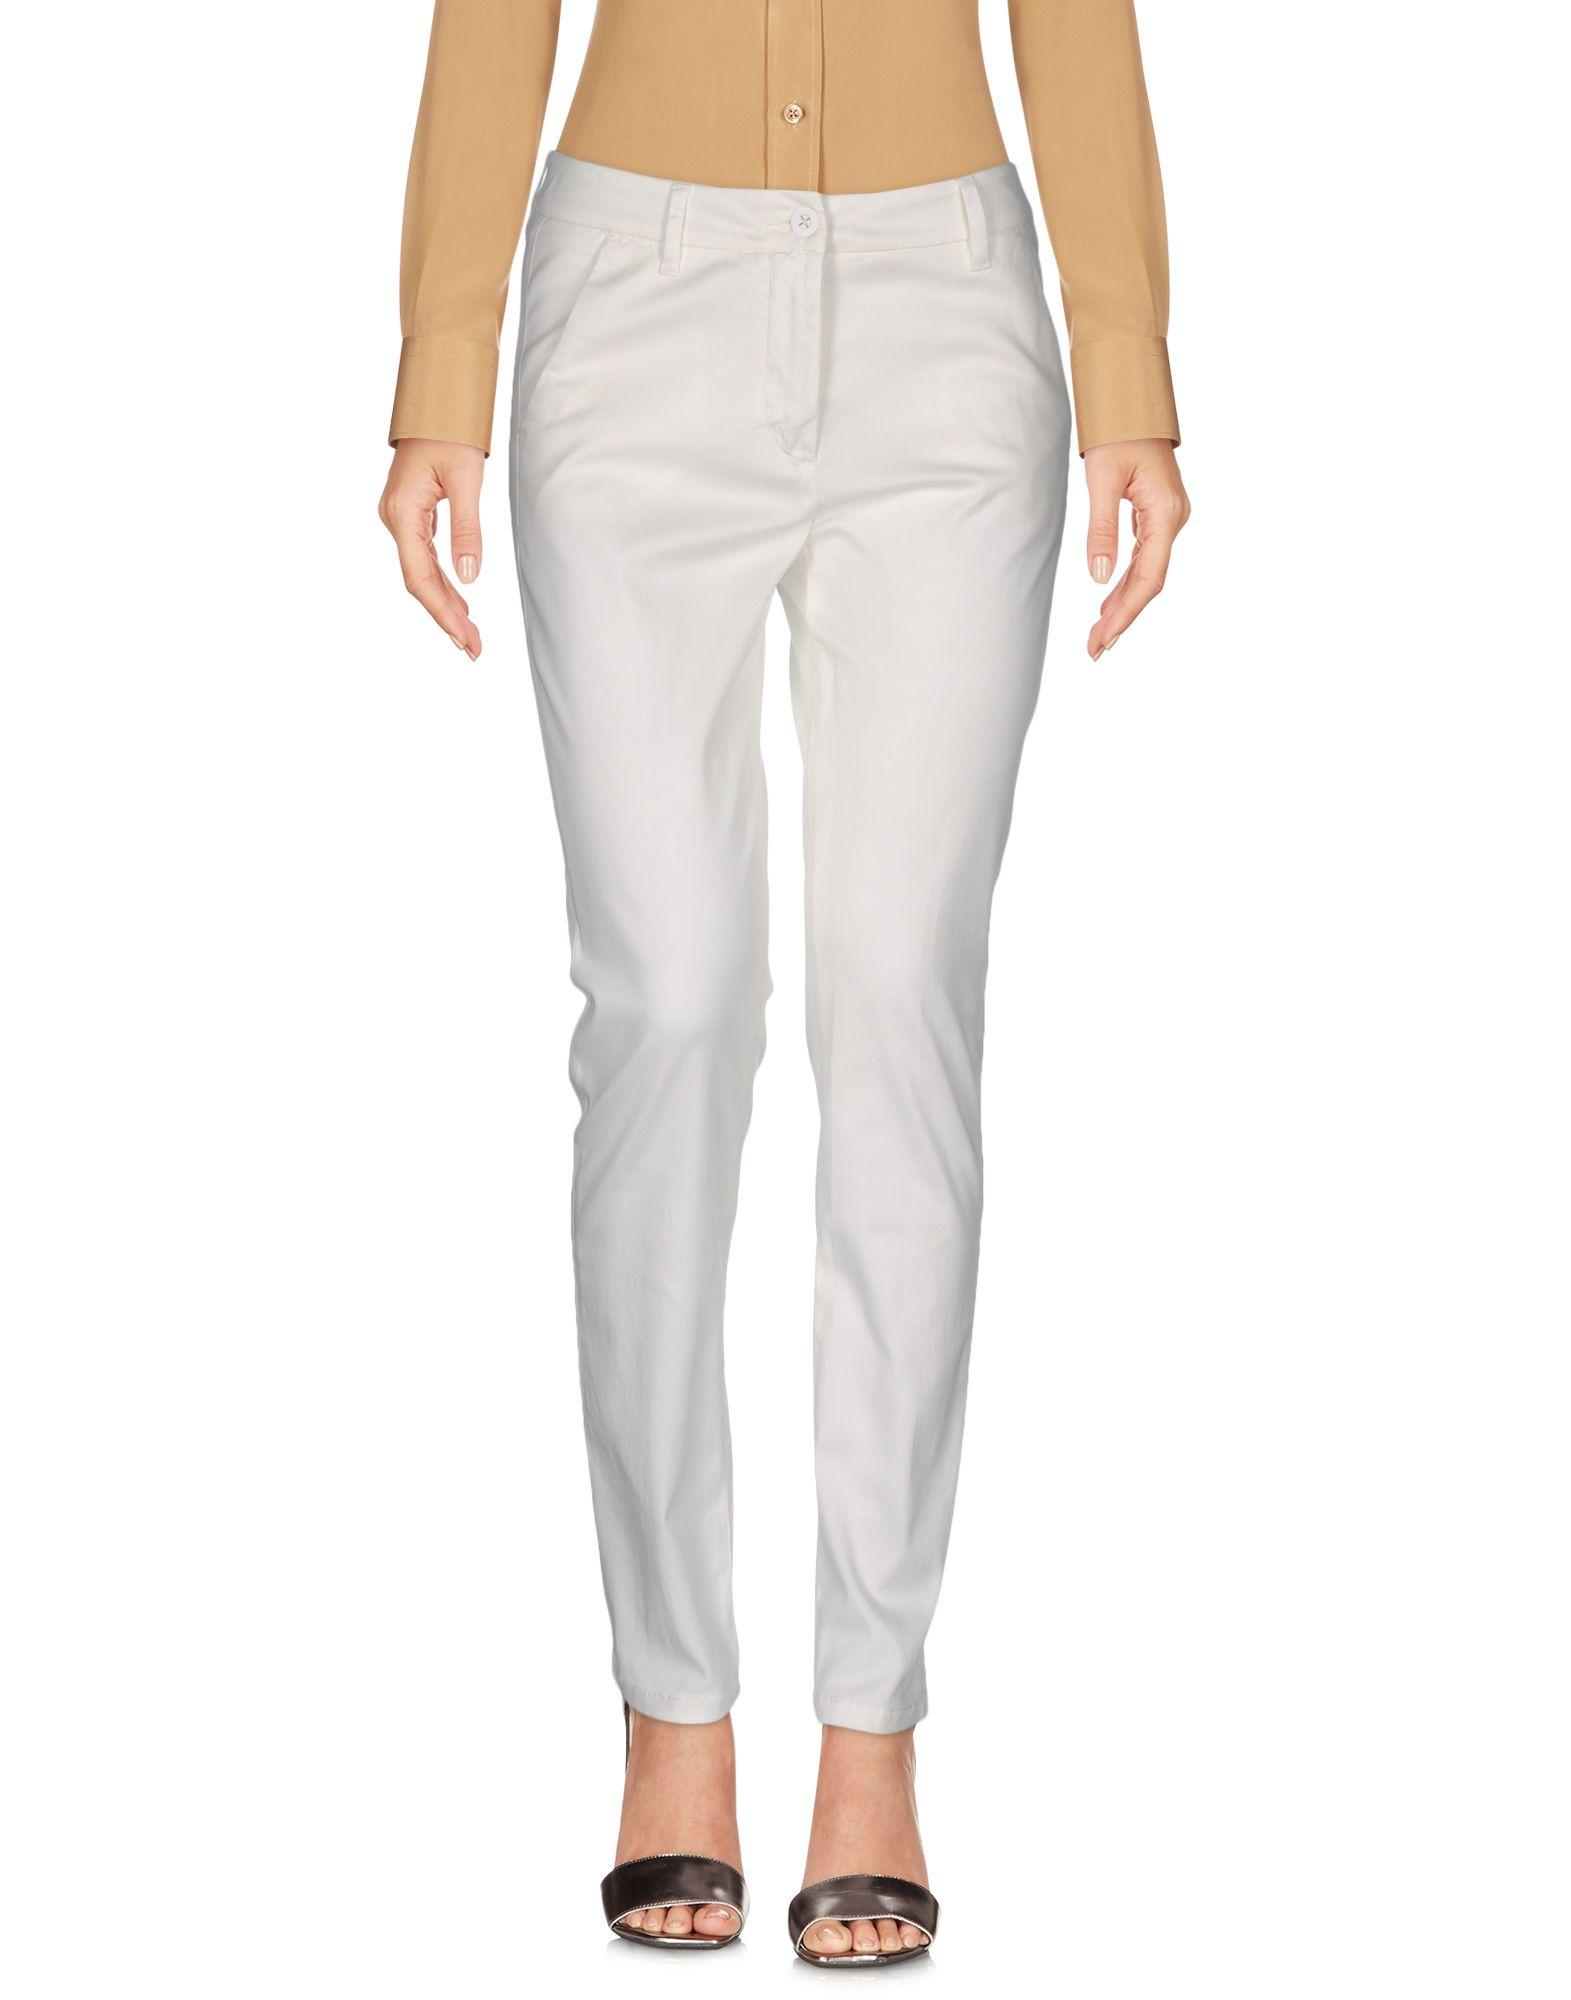 VIA MASINI 80 Damen Hose Farbe Weiß Größe 5